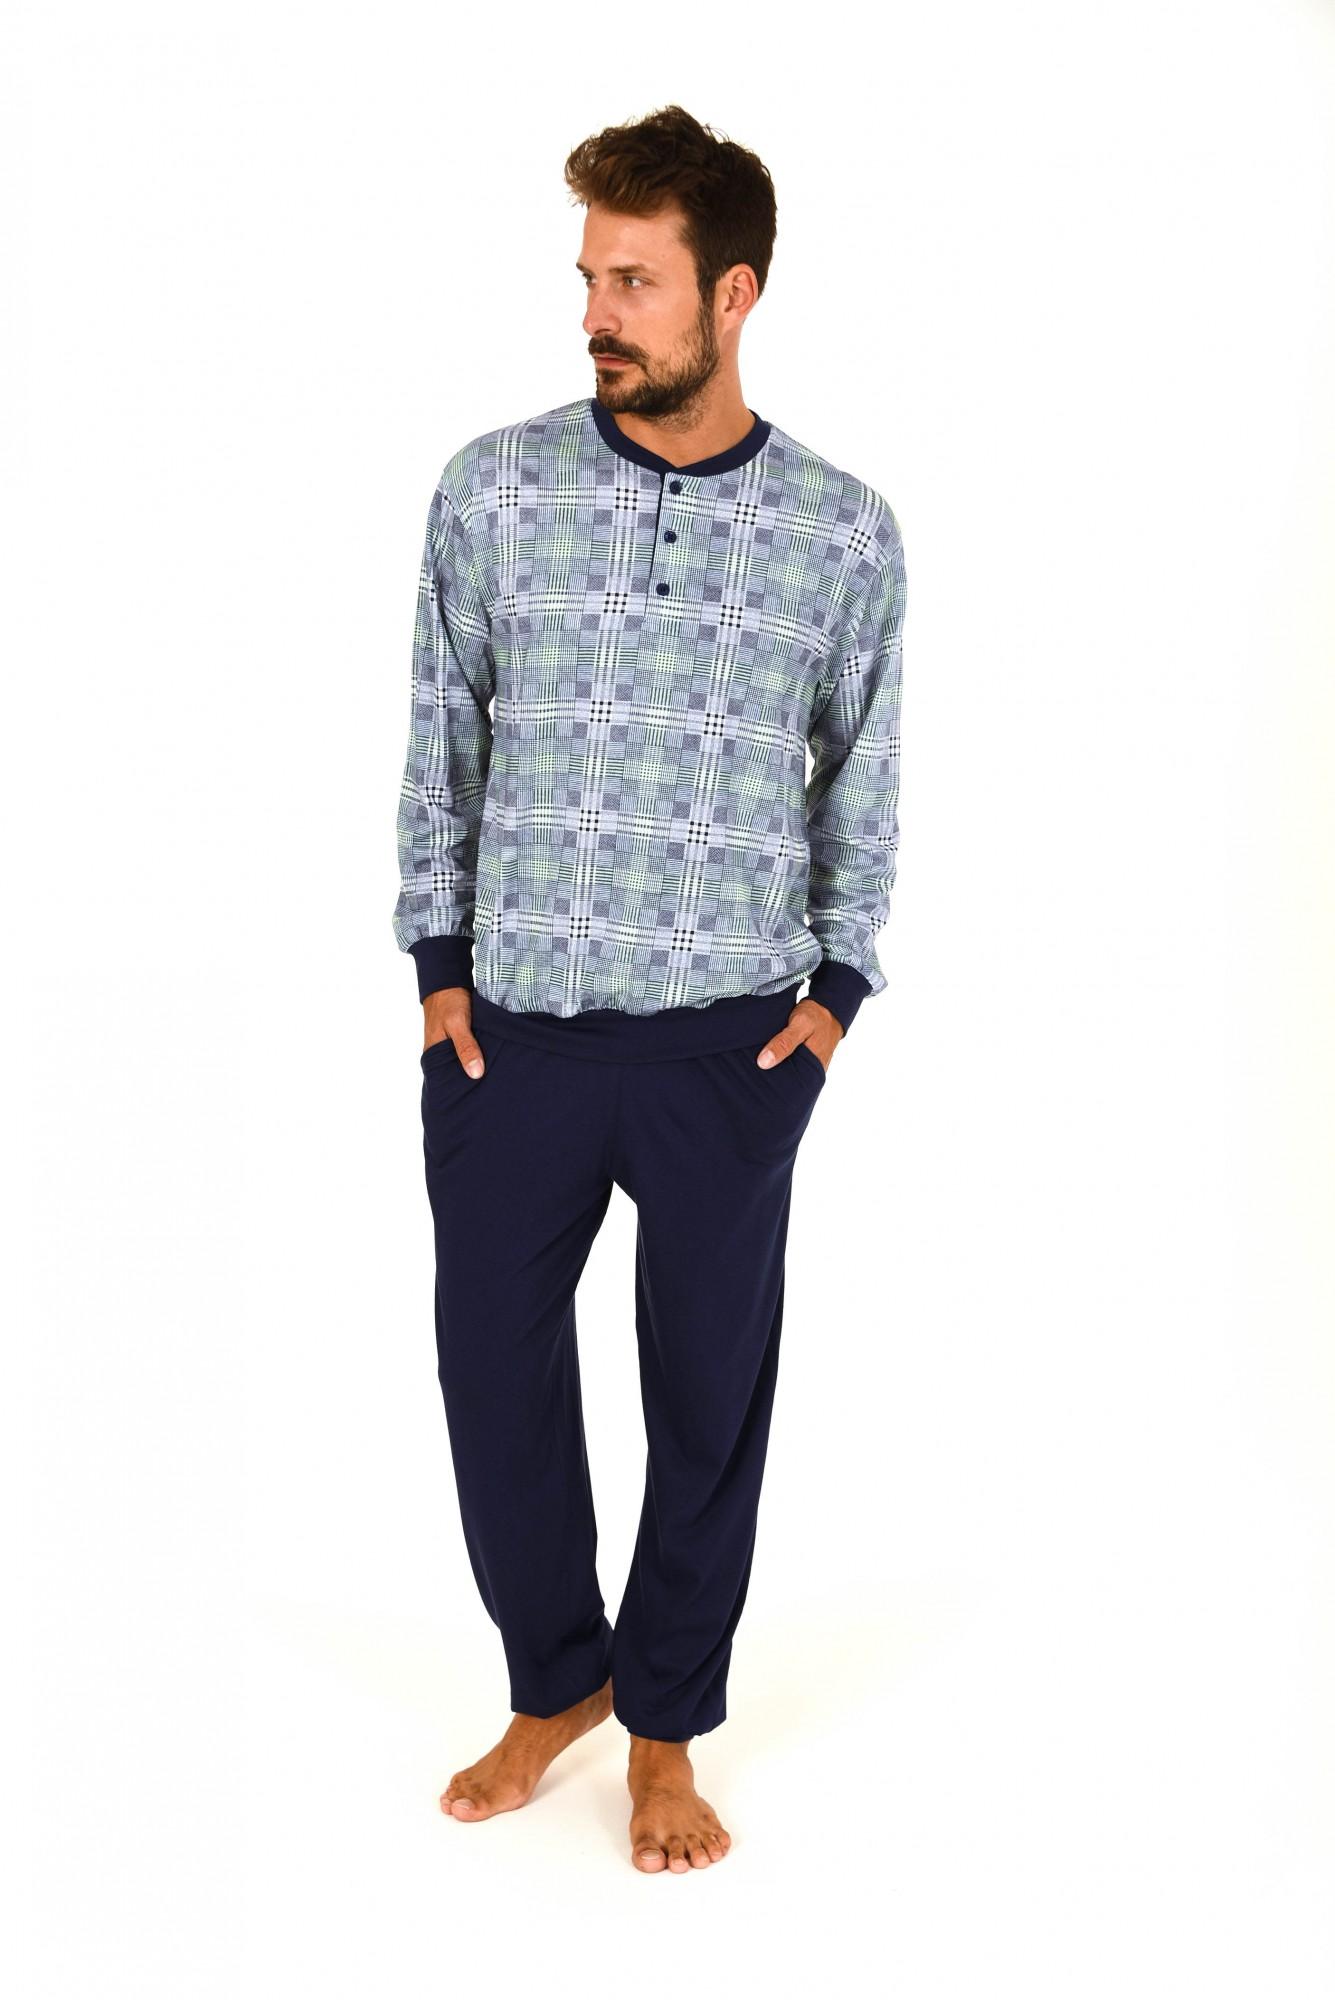 Eleganter Herren Pyjama langarm mit Bündchen Karo-Dessin 171 101 90 408 – Bild 1